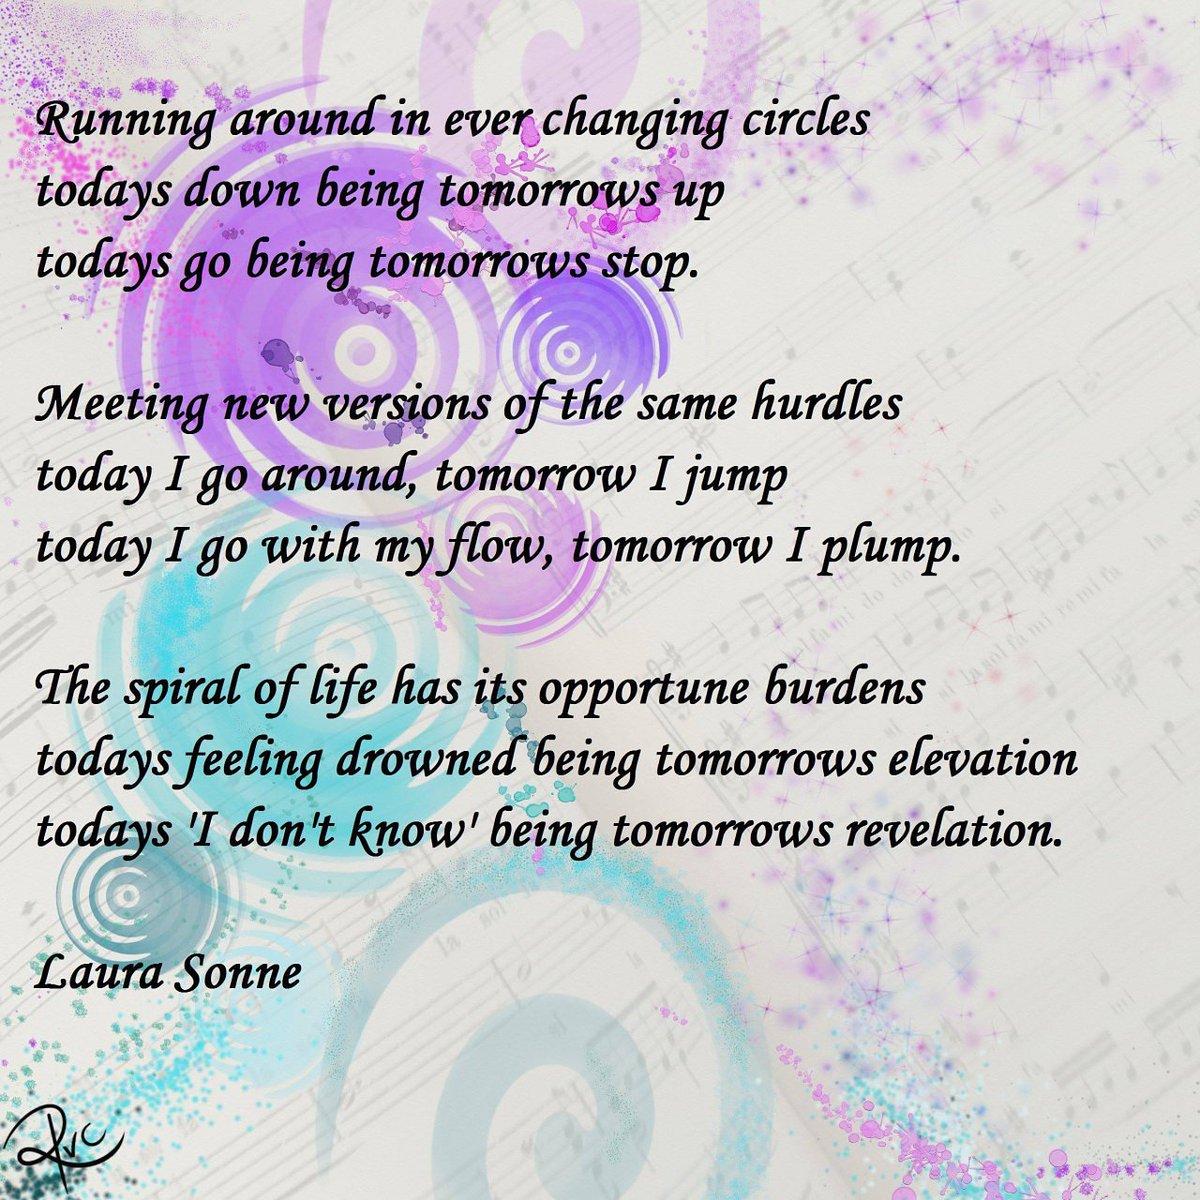 Laura Sonne At Laurasonne3 Twitter